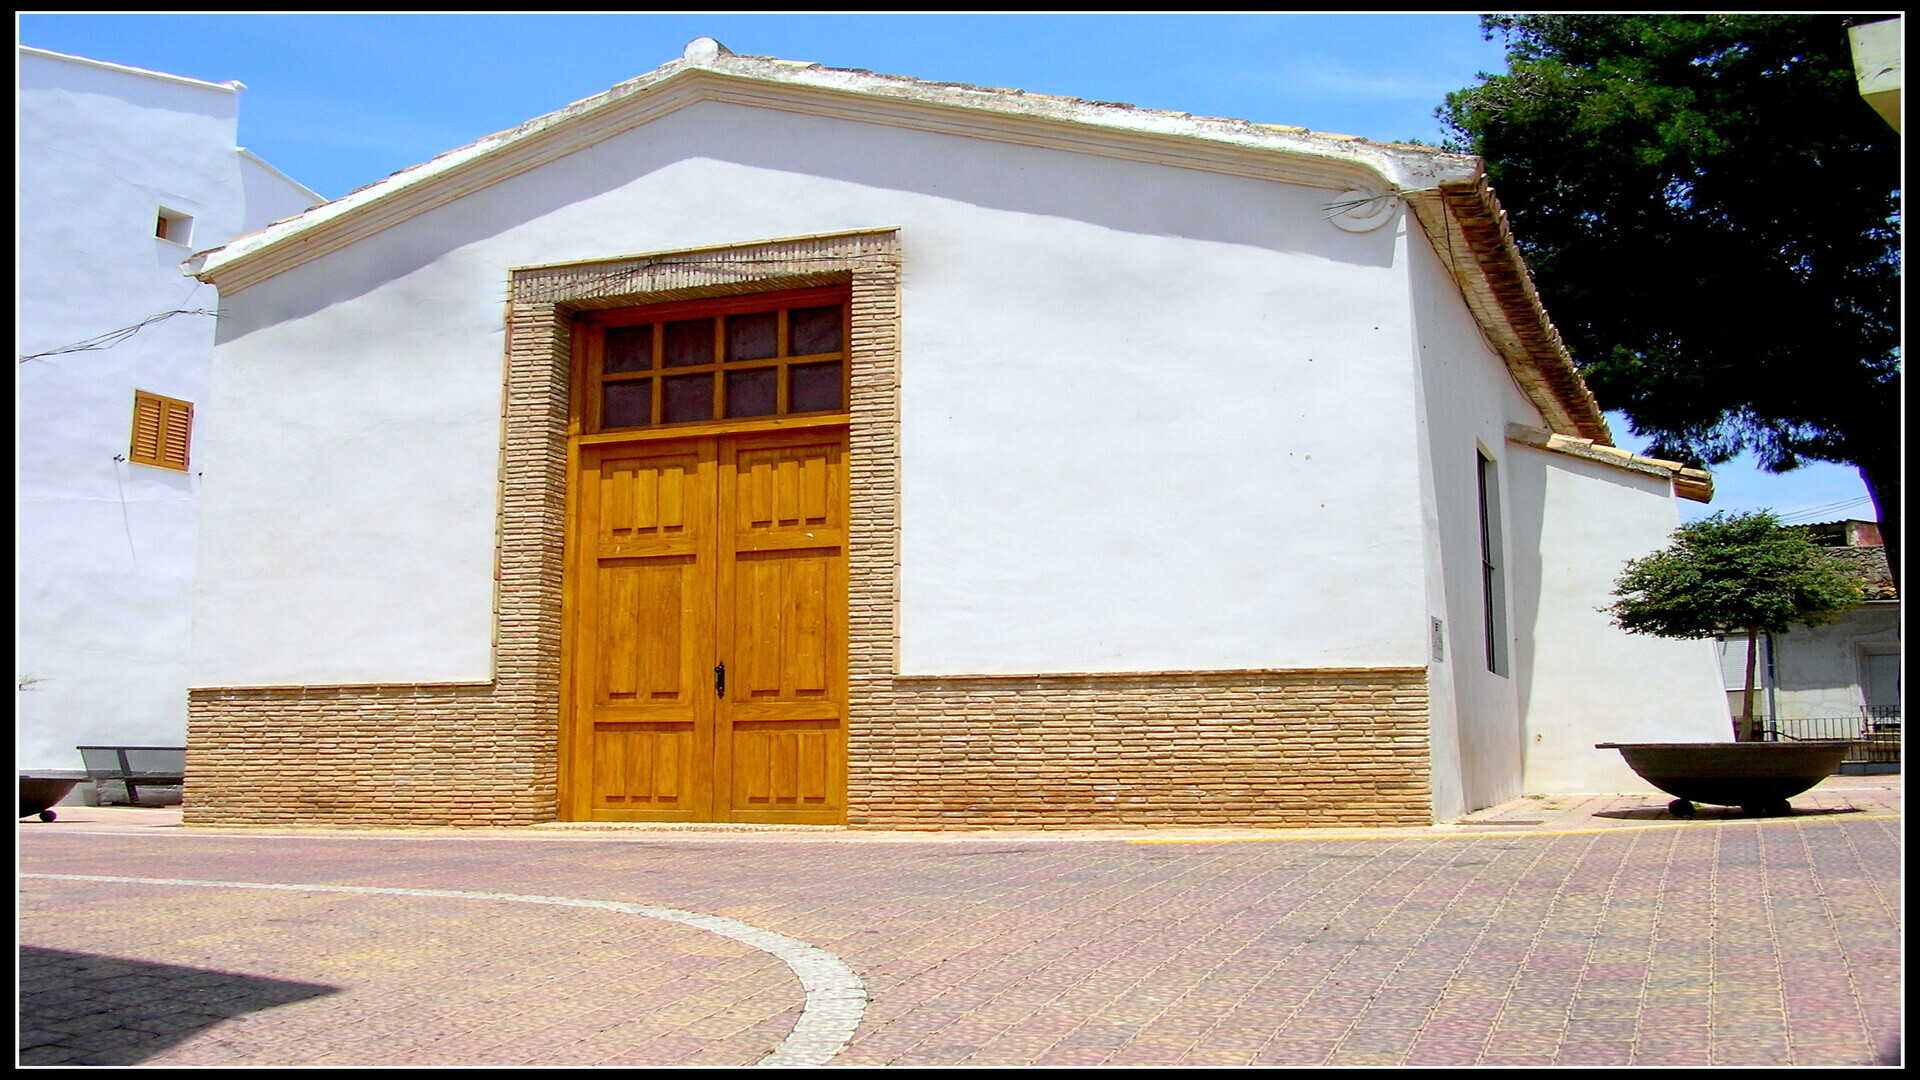 Primitiva church